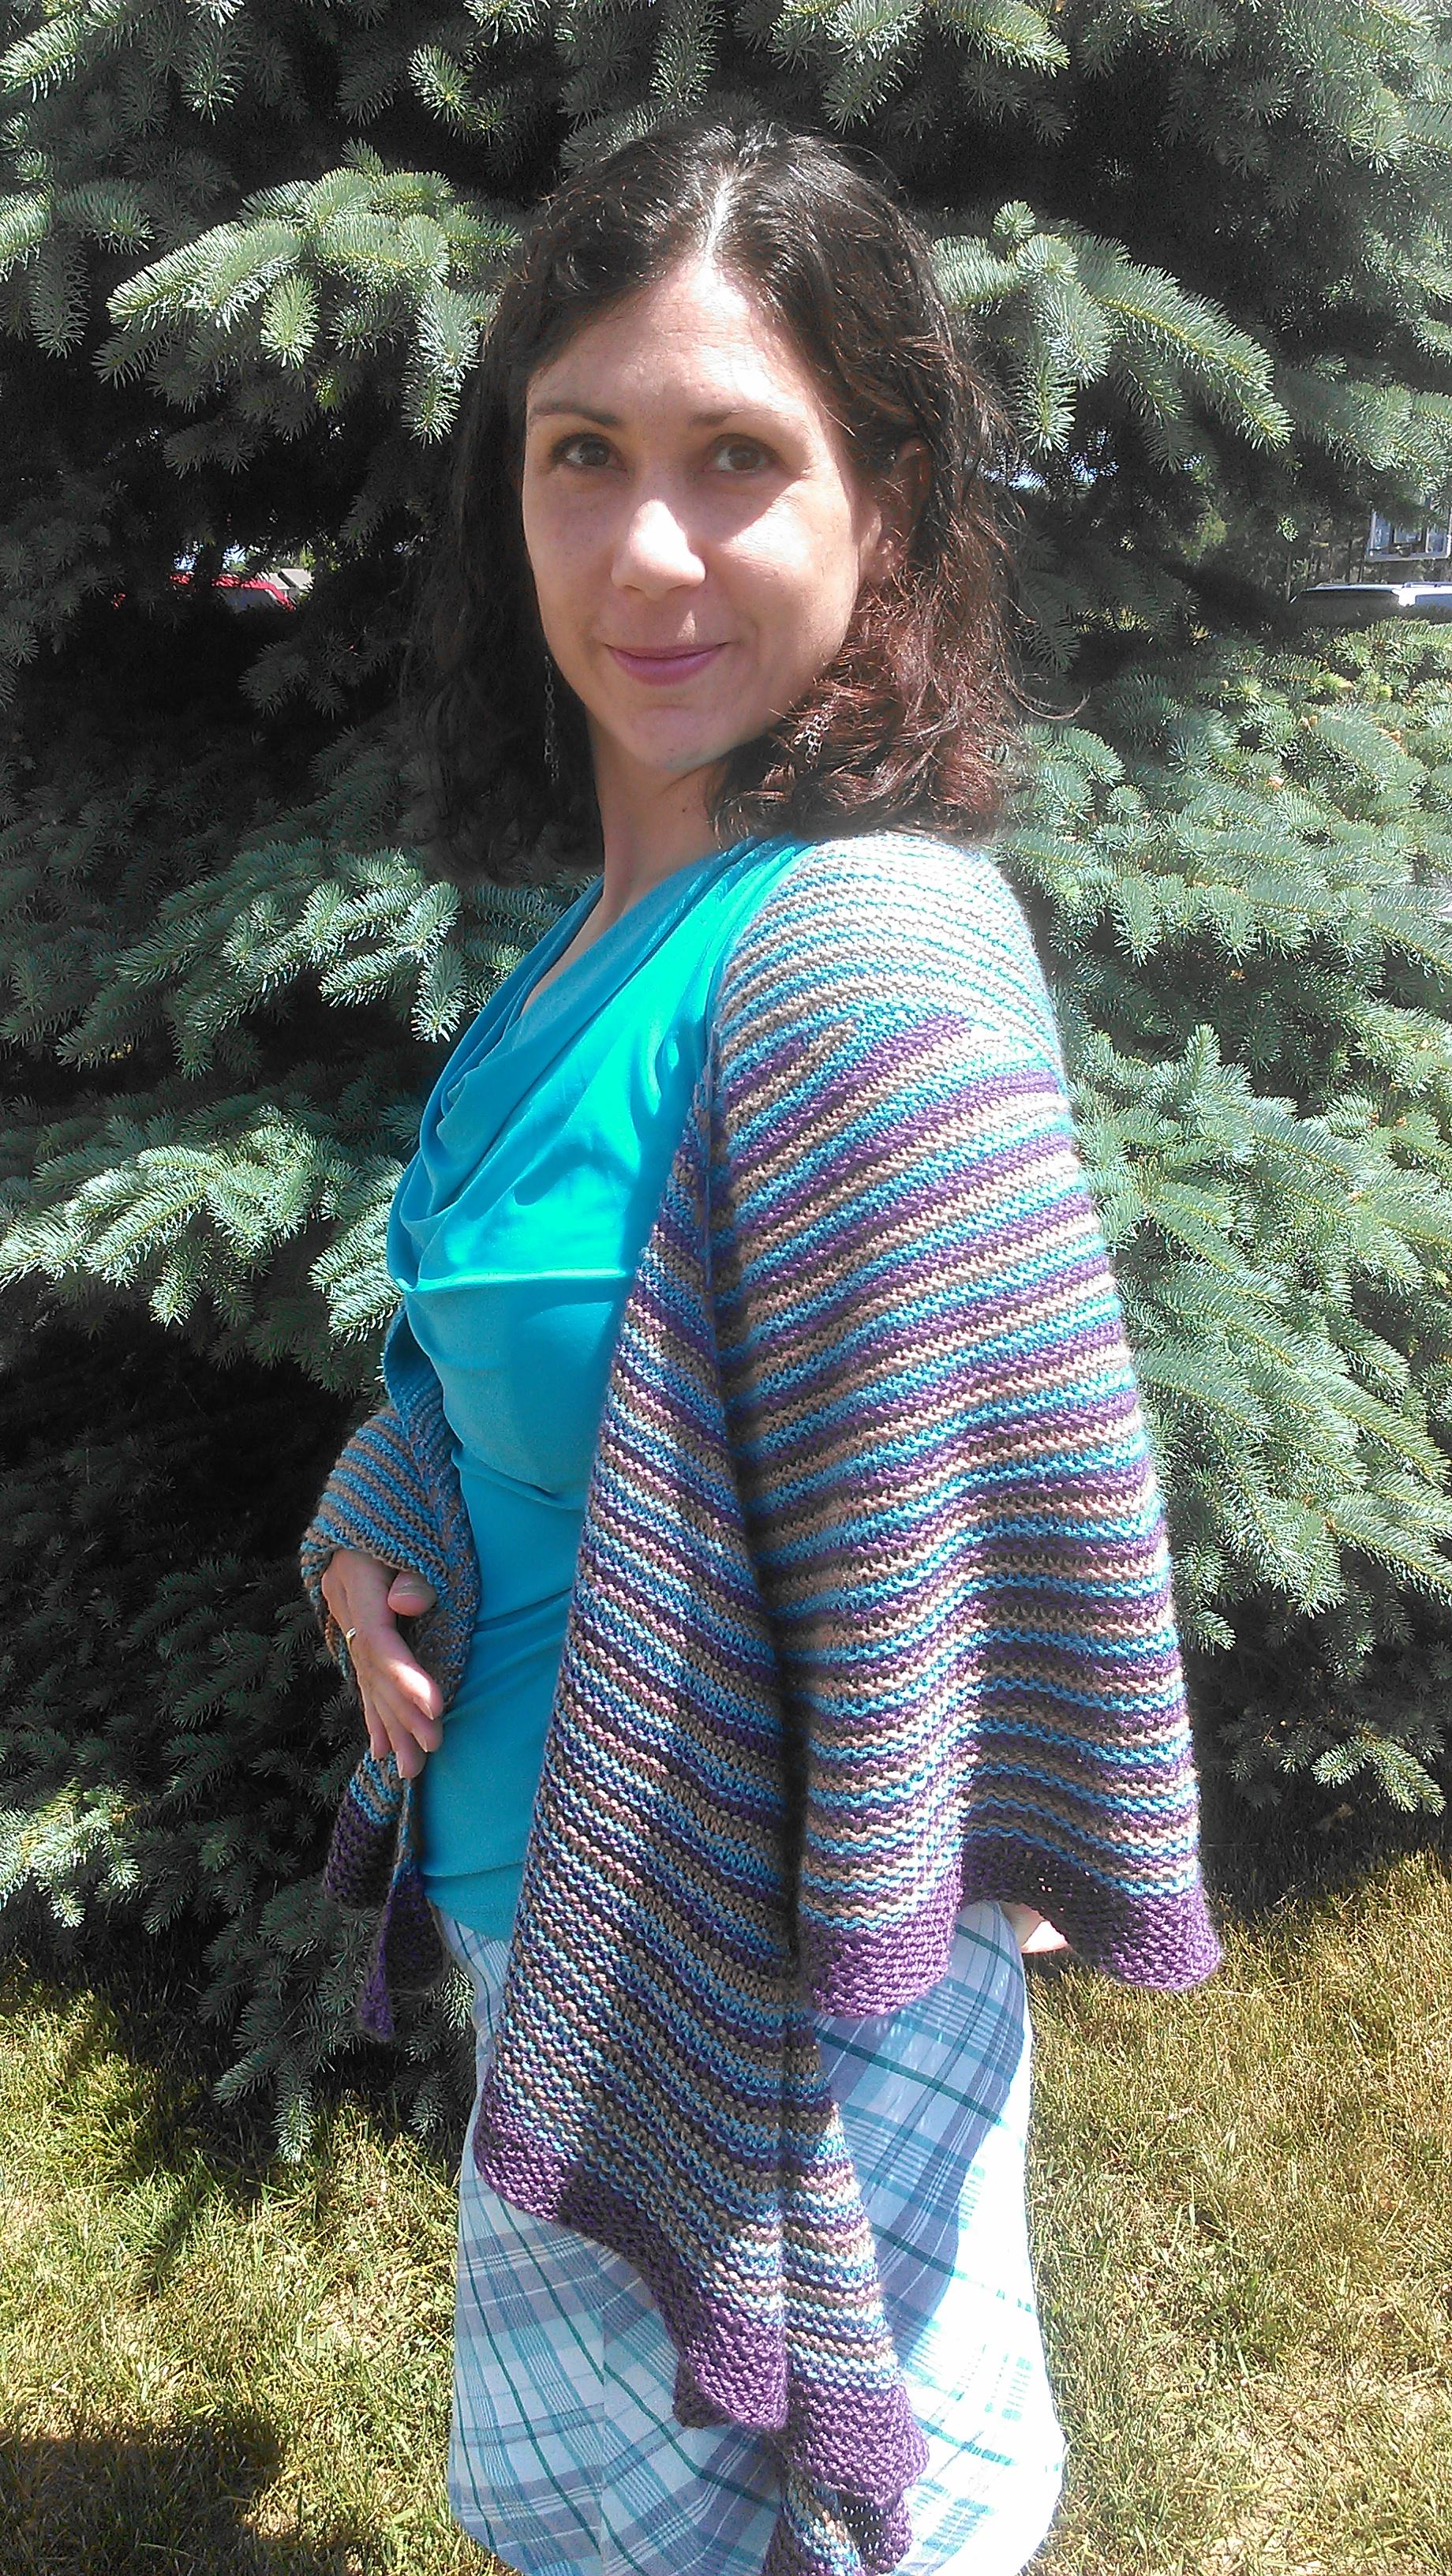 Jenn modeling a shawl she knit